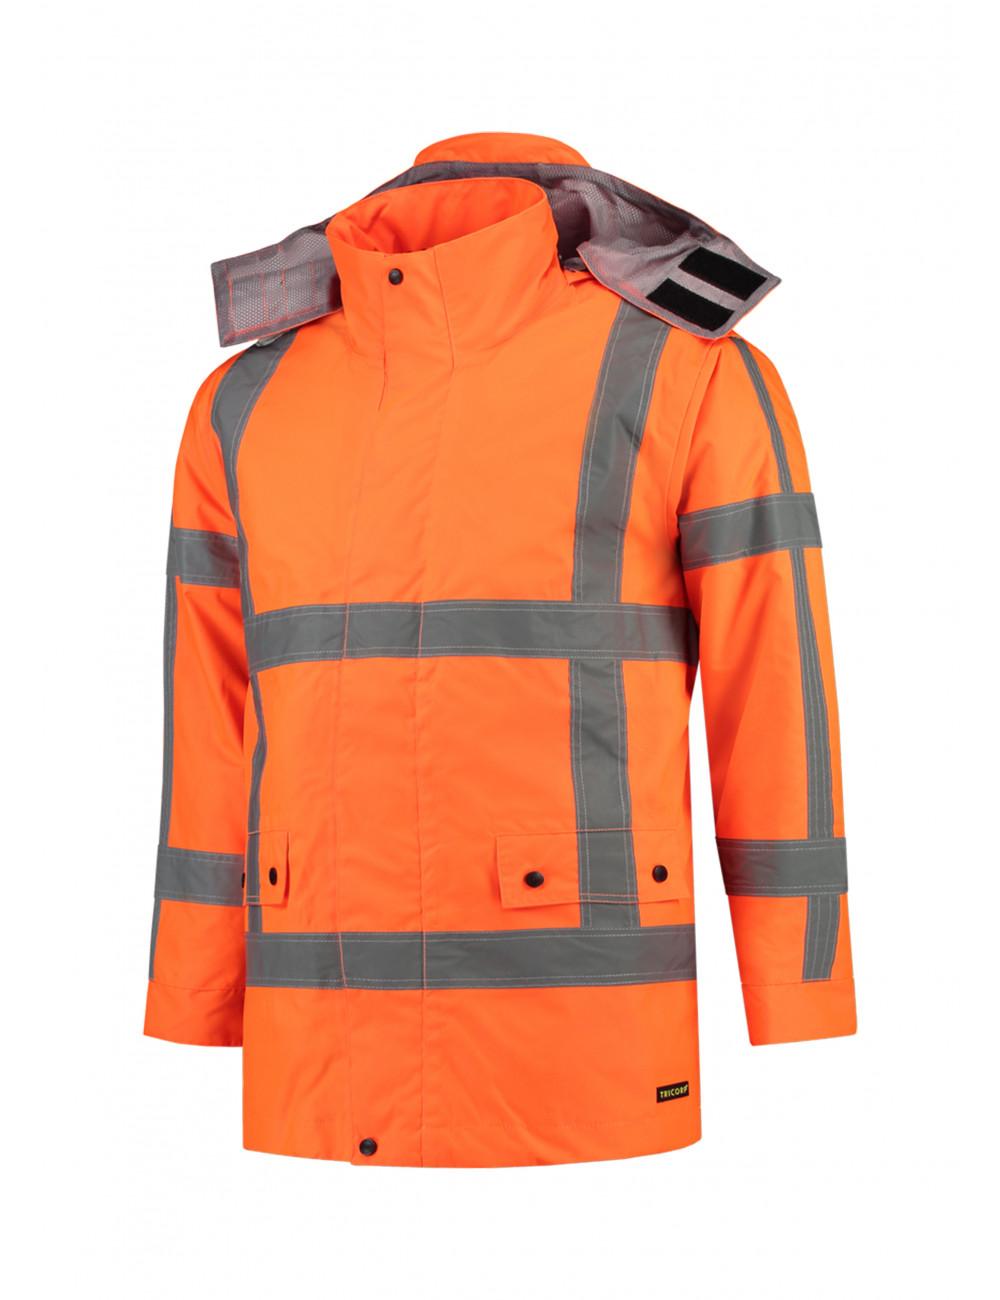 Adler TRICORP Kurtka robocze unisex RWS Parka T50 fluorescencyjny pomarańczowy